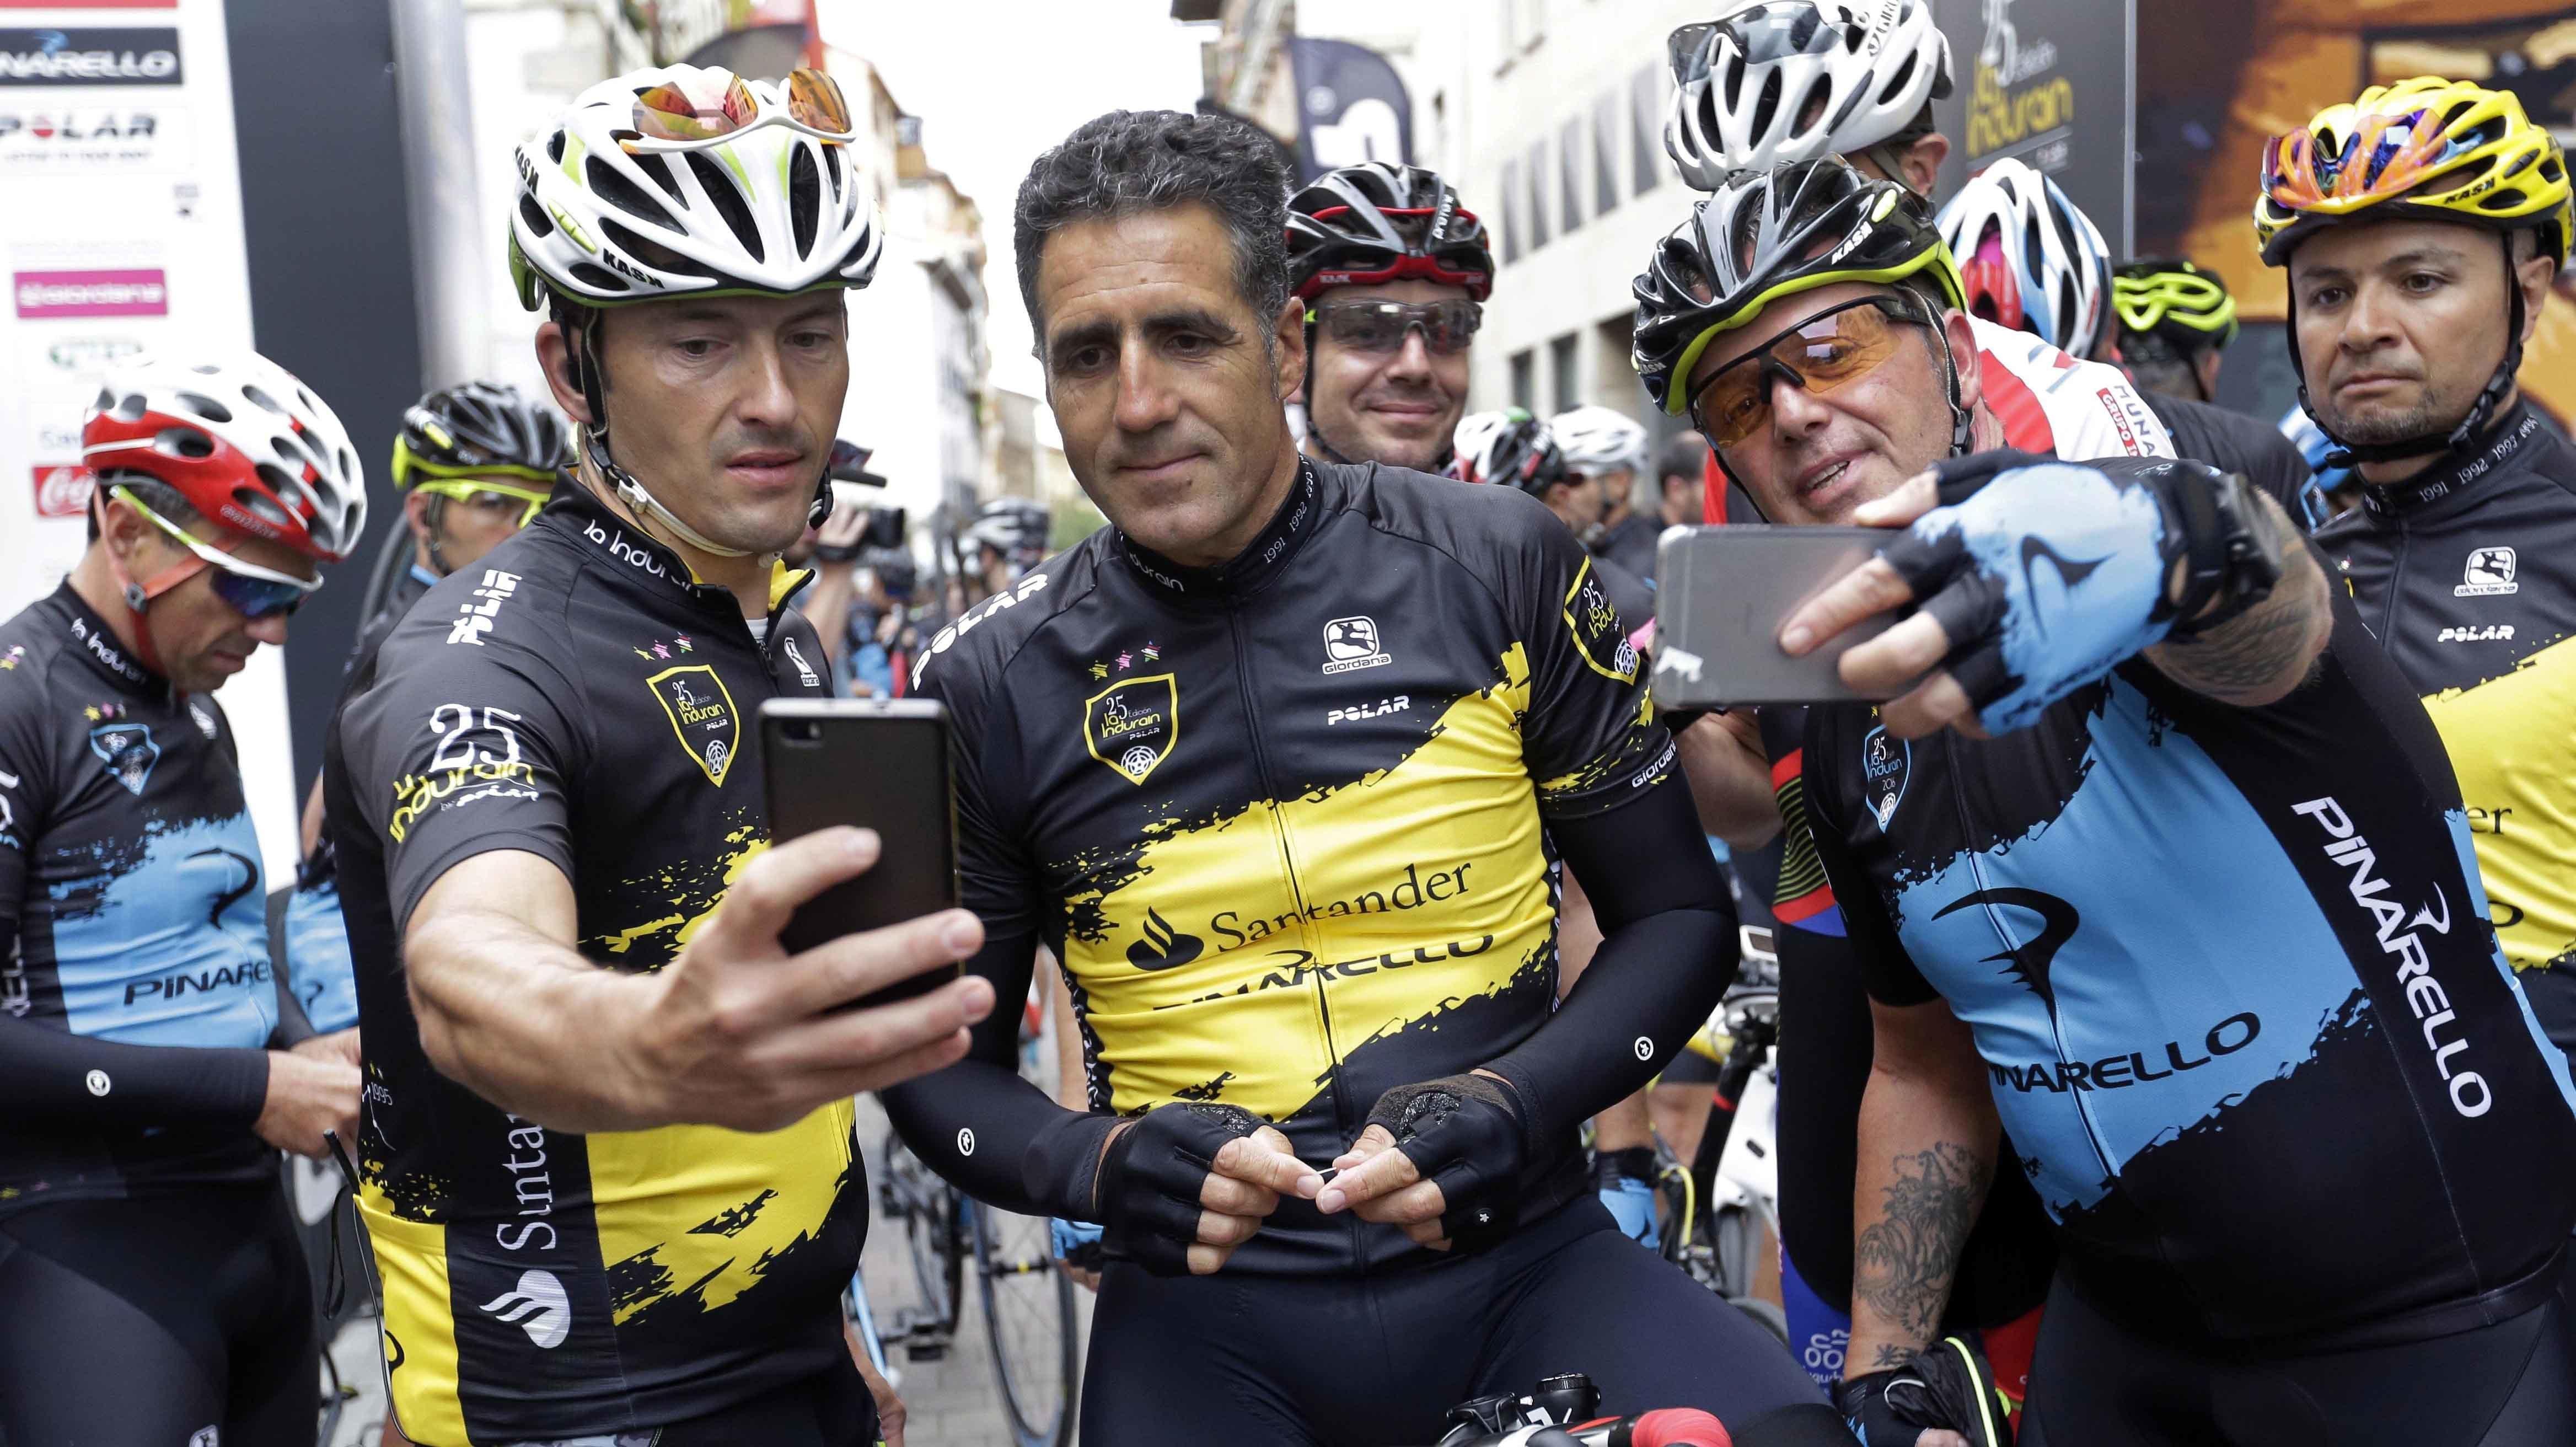 Miguel Induráin momentos antes de comenzar la carrera cicloturista que lleva su nombre en Villava. Efe.